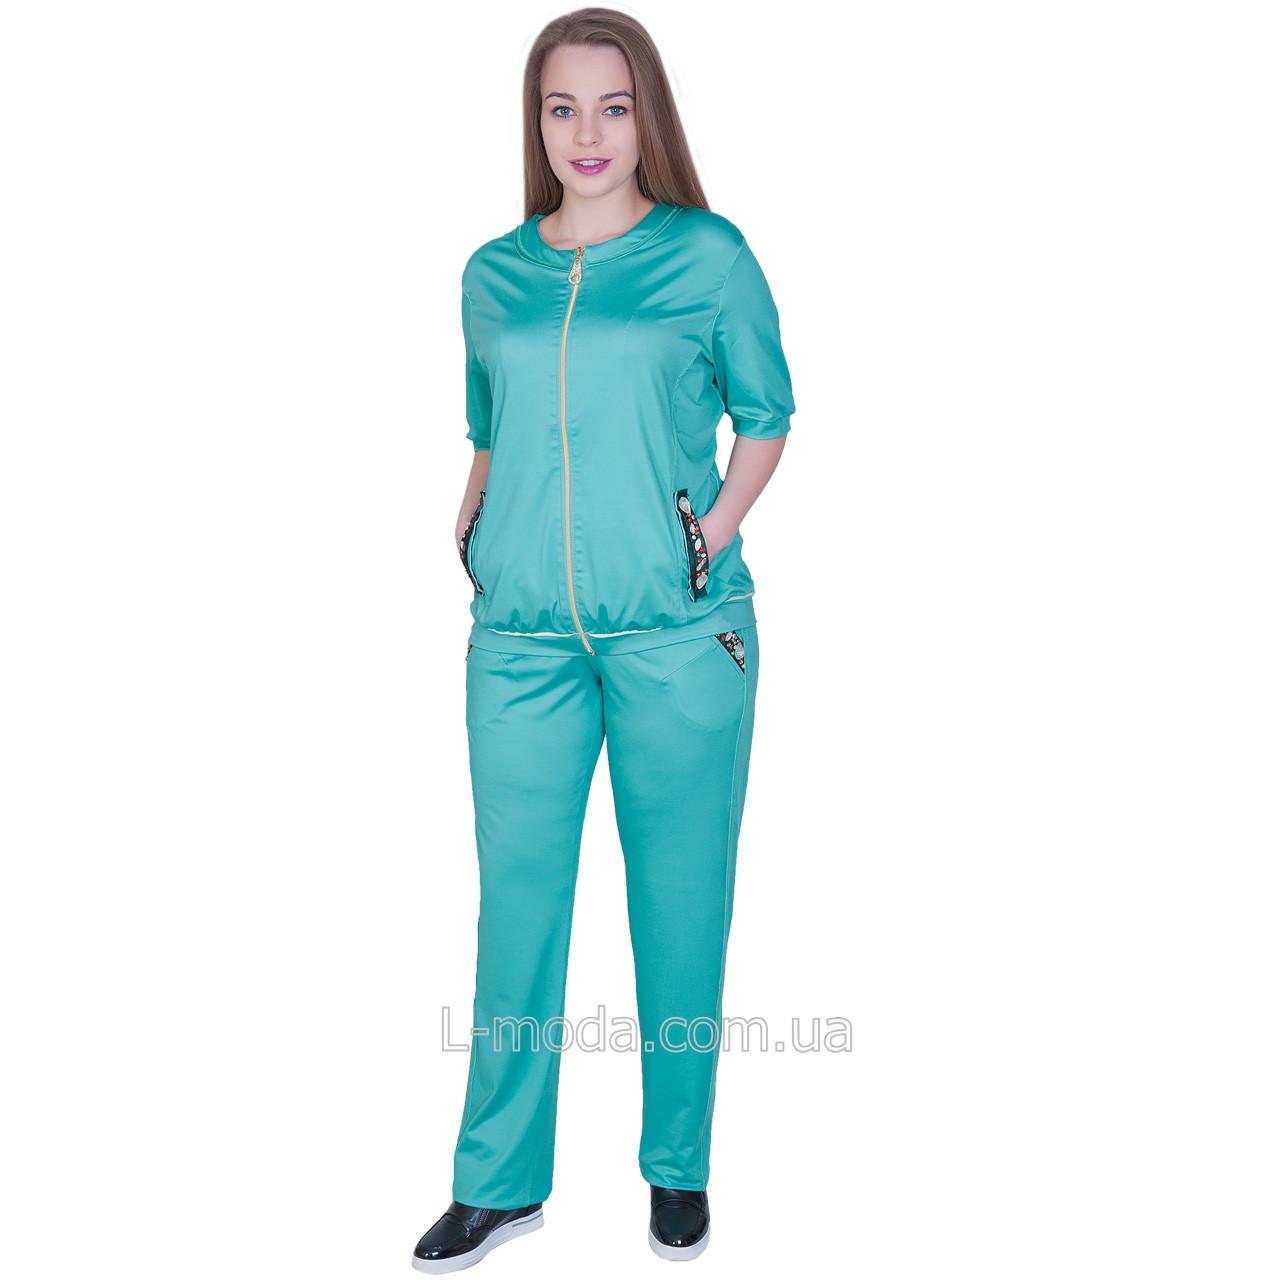 0b046d97 Спортивный костюм женский зеленый - L MODA магазин женской одежды,  производитель женской одежды и поставщик